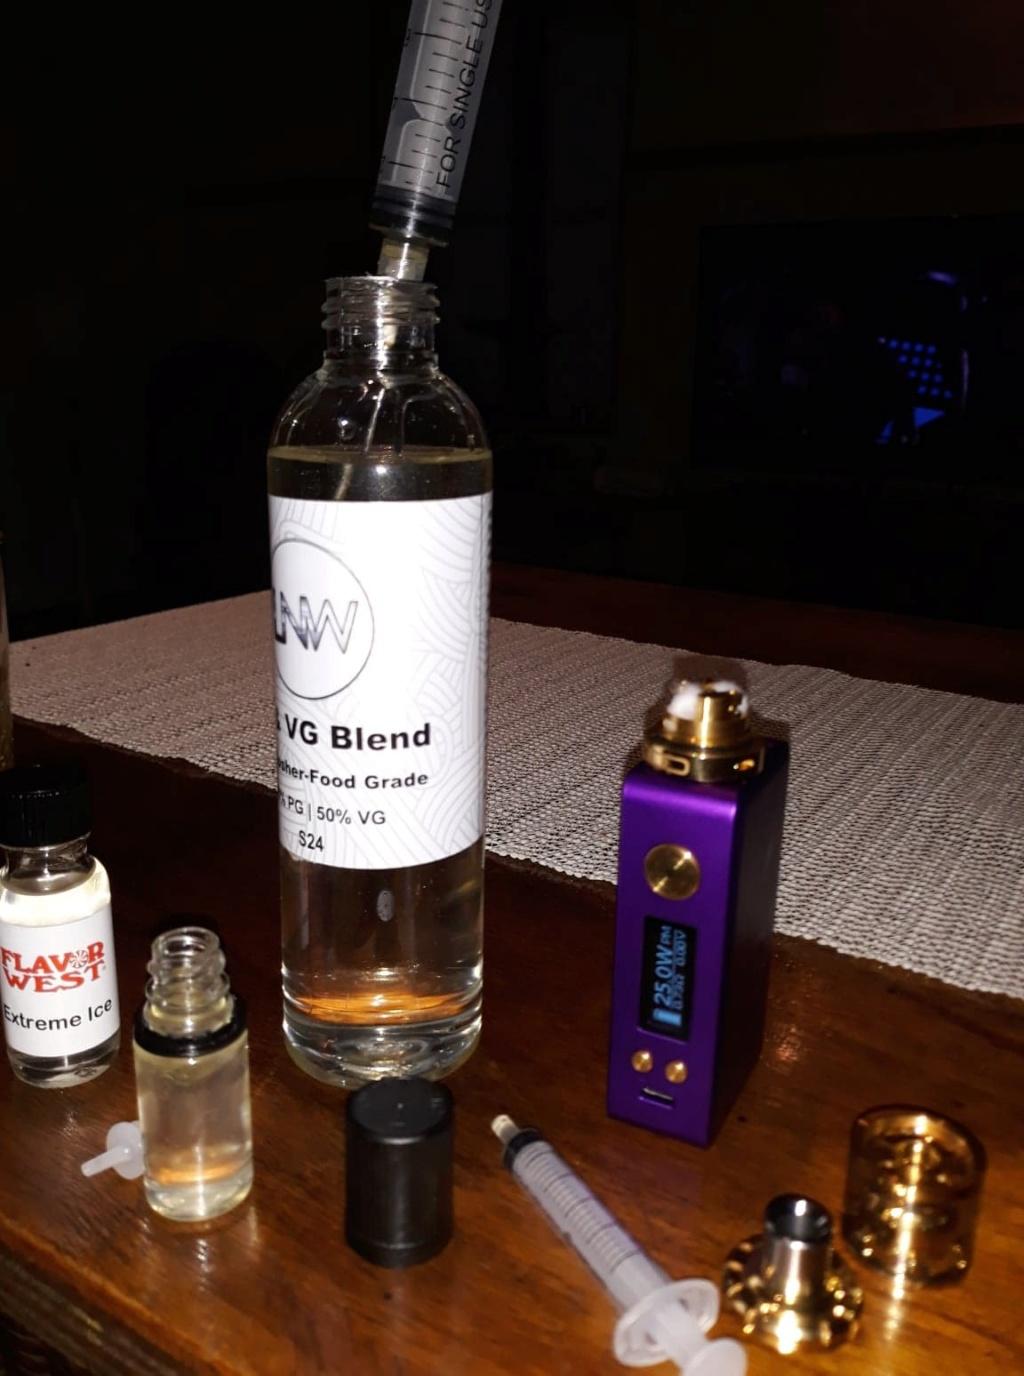 Besoin de conseils sur des vaporisateur de sels de nicotine  - Page 2 44366810